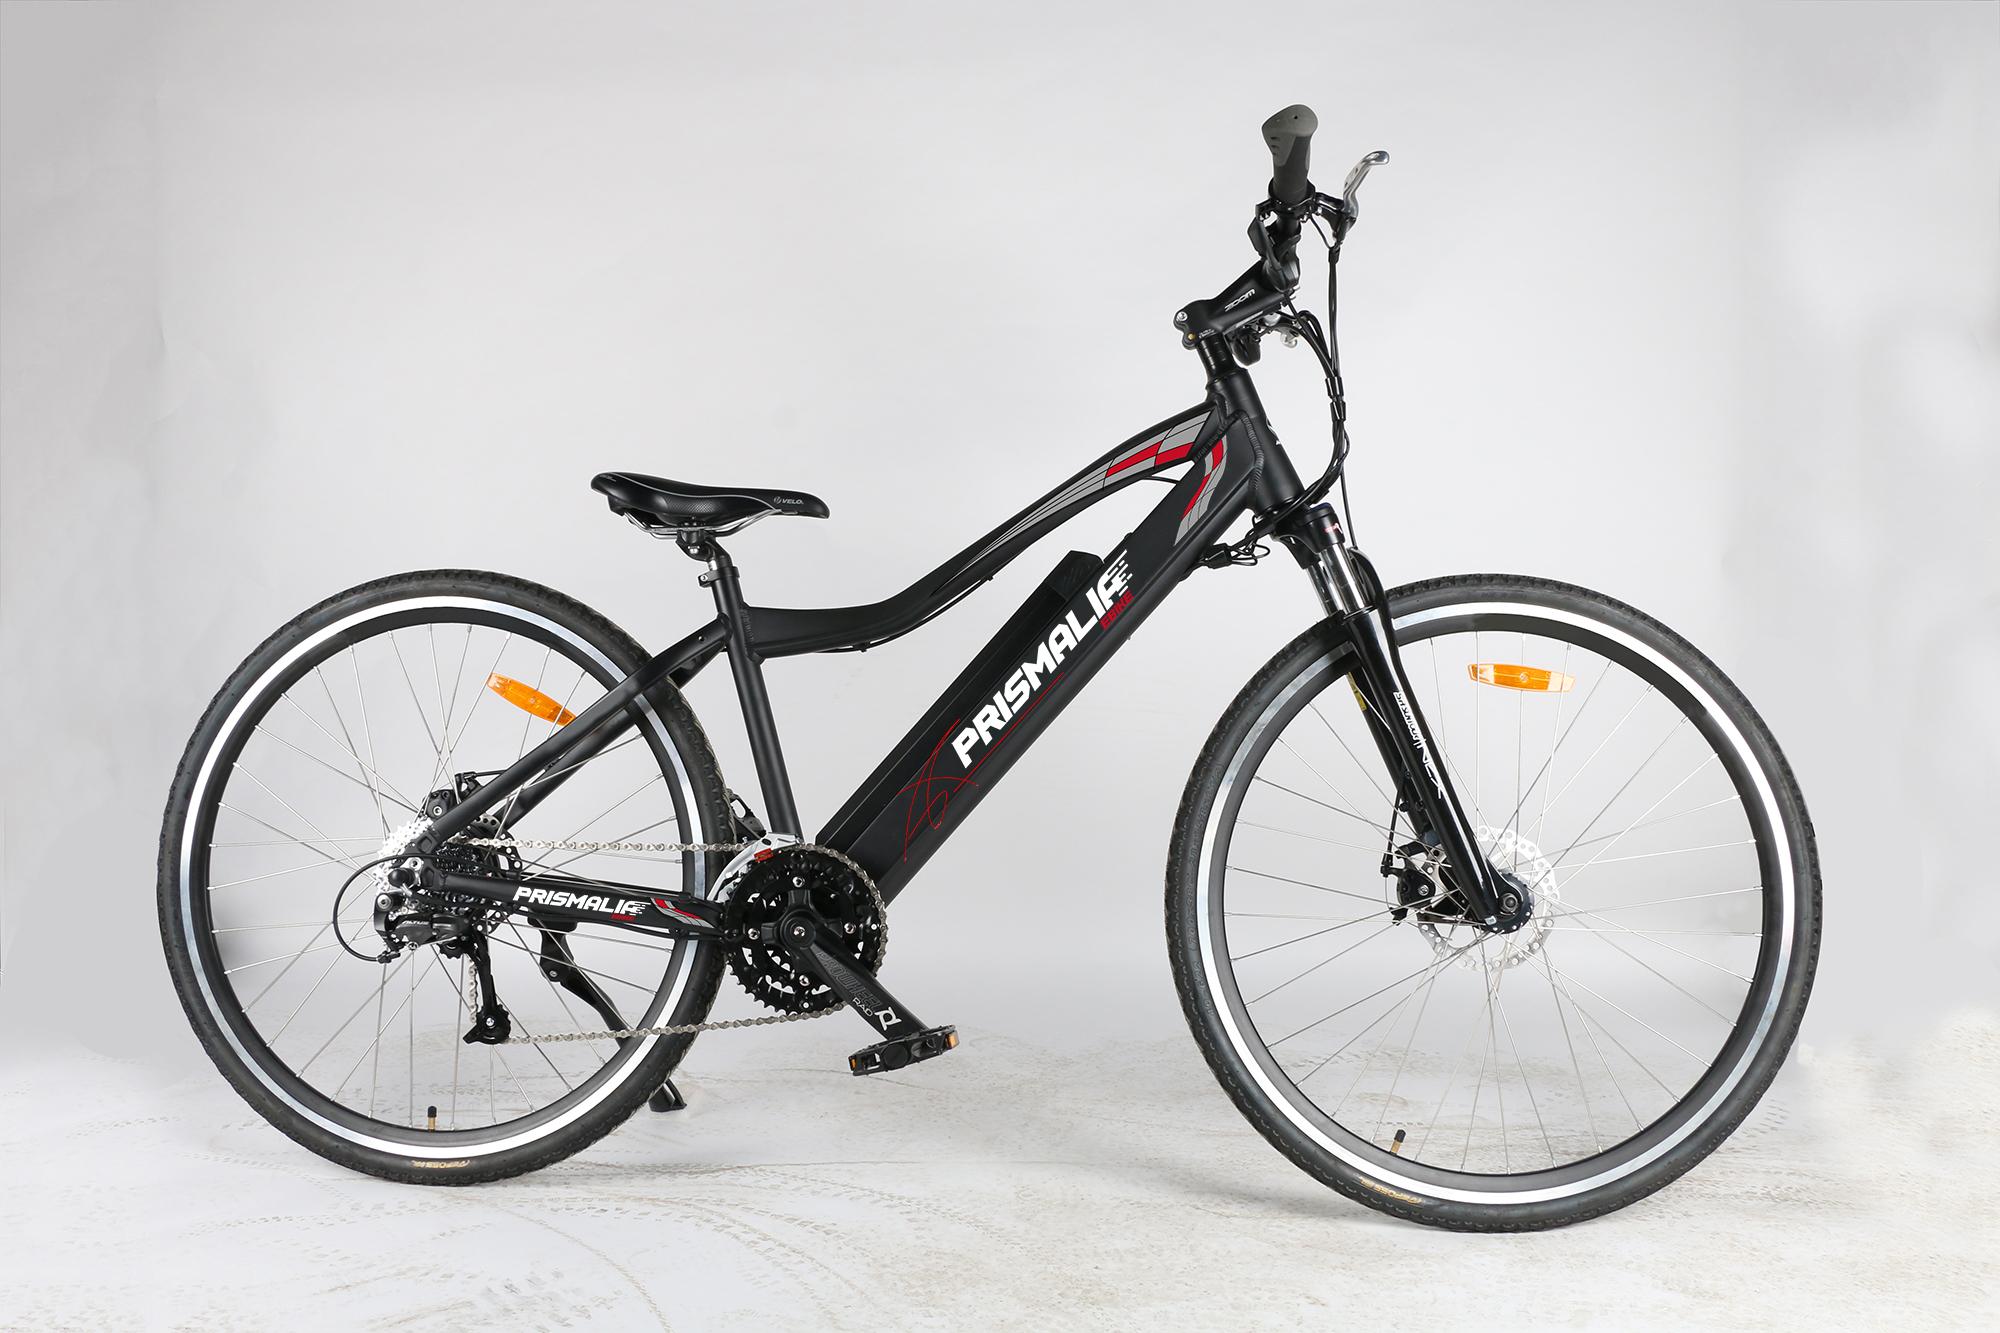 Bicicletta elettrica Prismalia